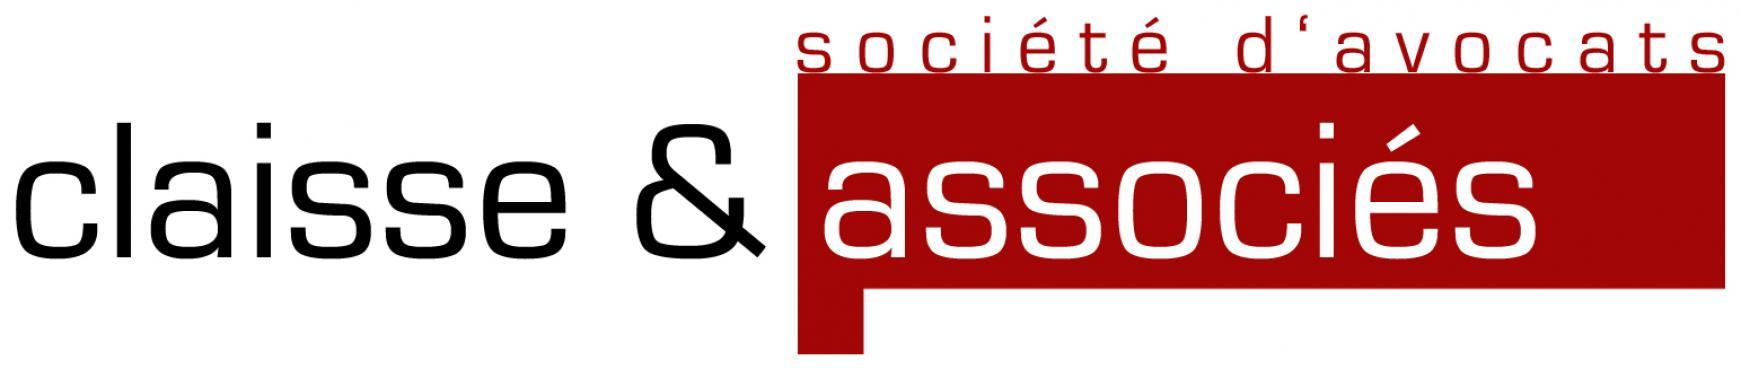 Propriété intellectuelle : rapprochement entre Claisse & Associés et Antoine Gitton Avocats